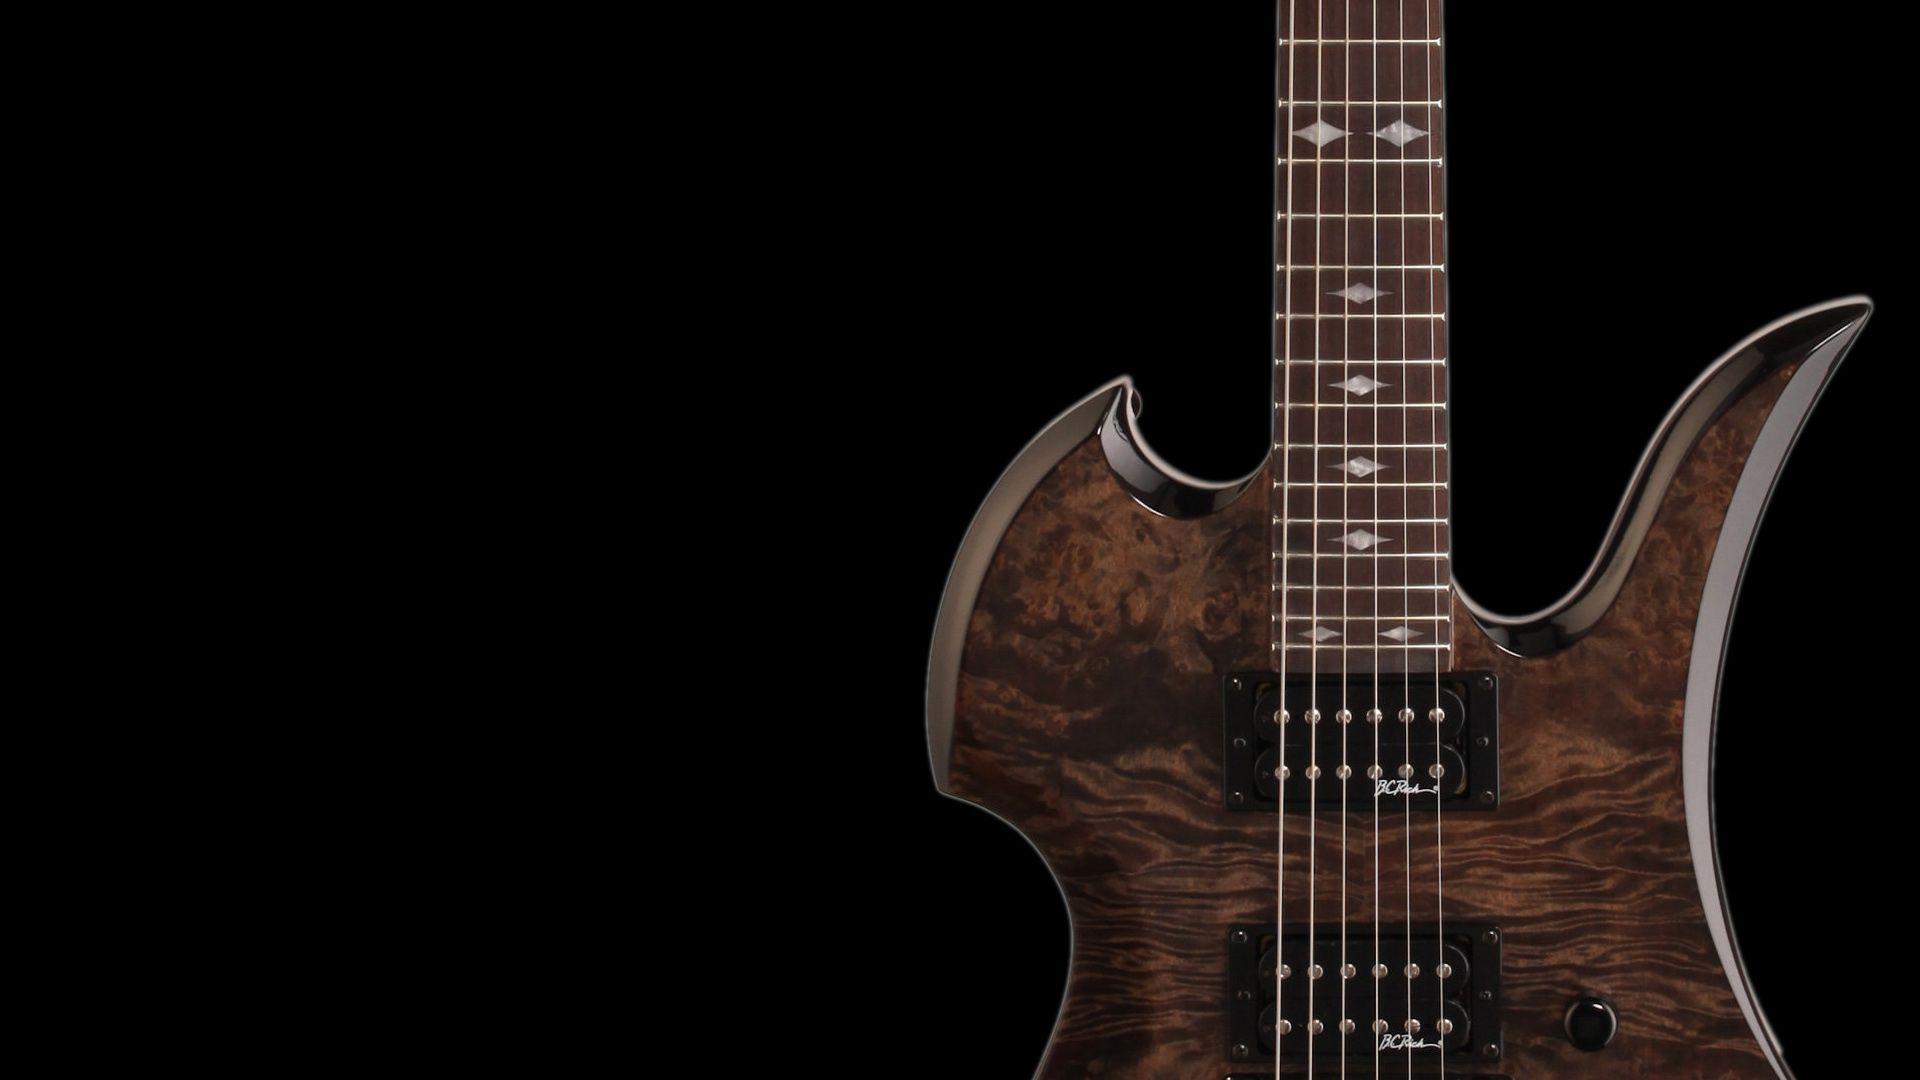 Electric Guitar, 1080p Wallpaper